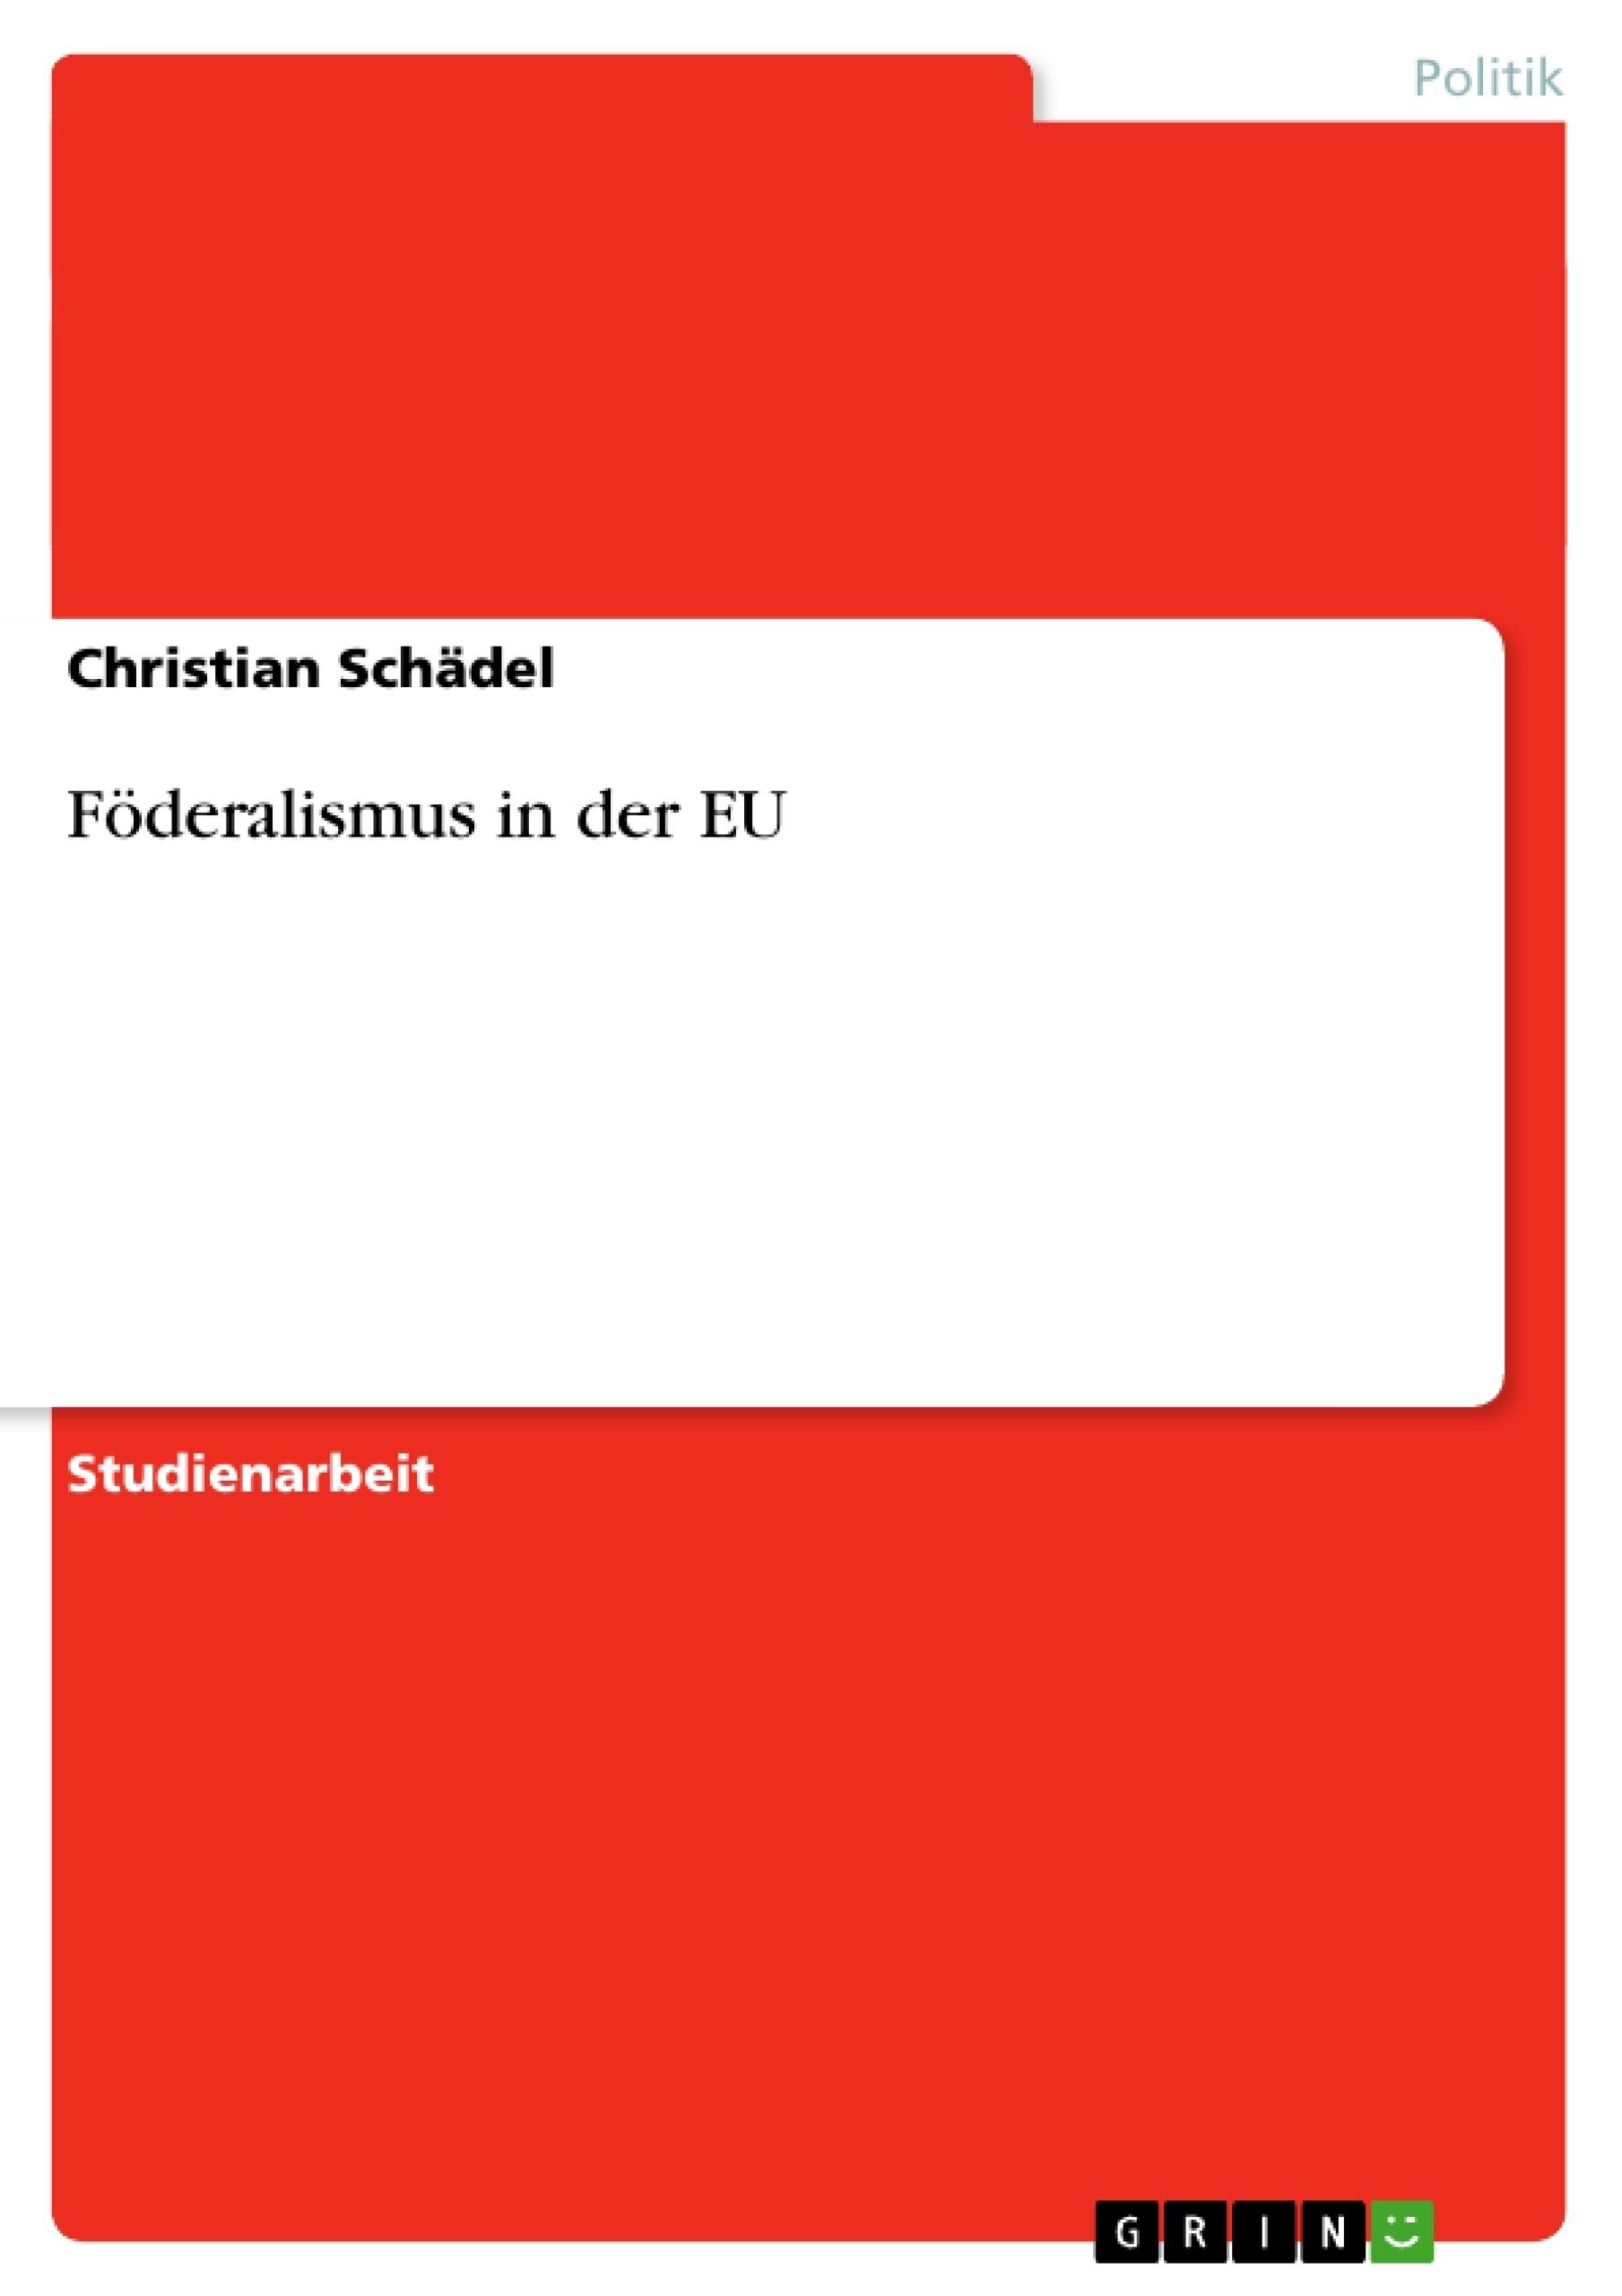 Titel: Föderalismus in der EU